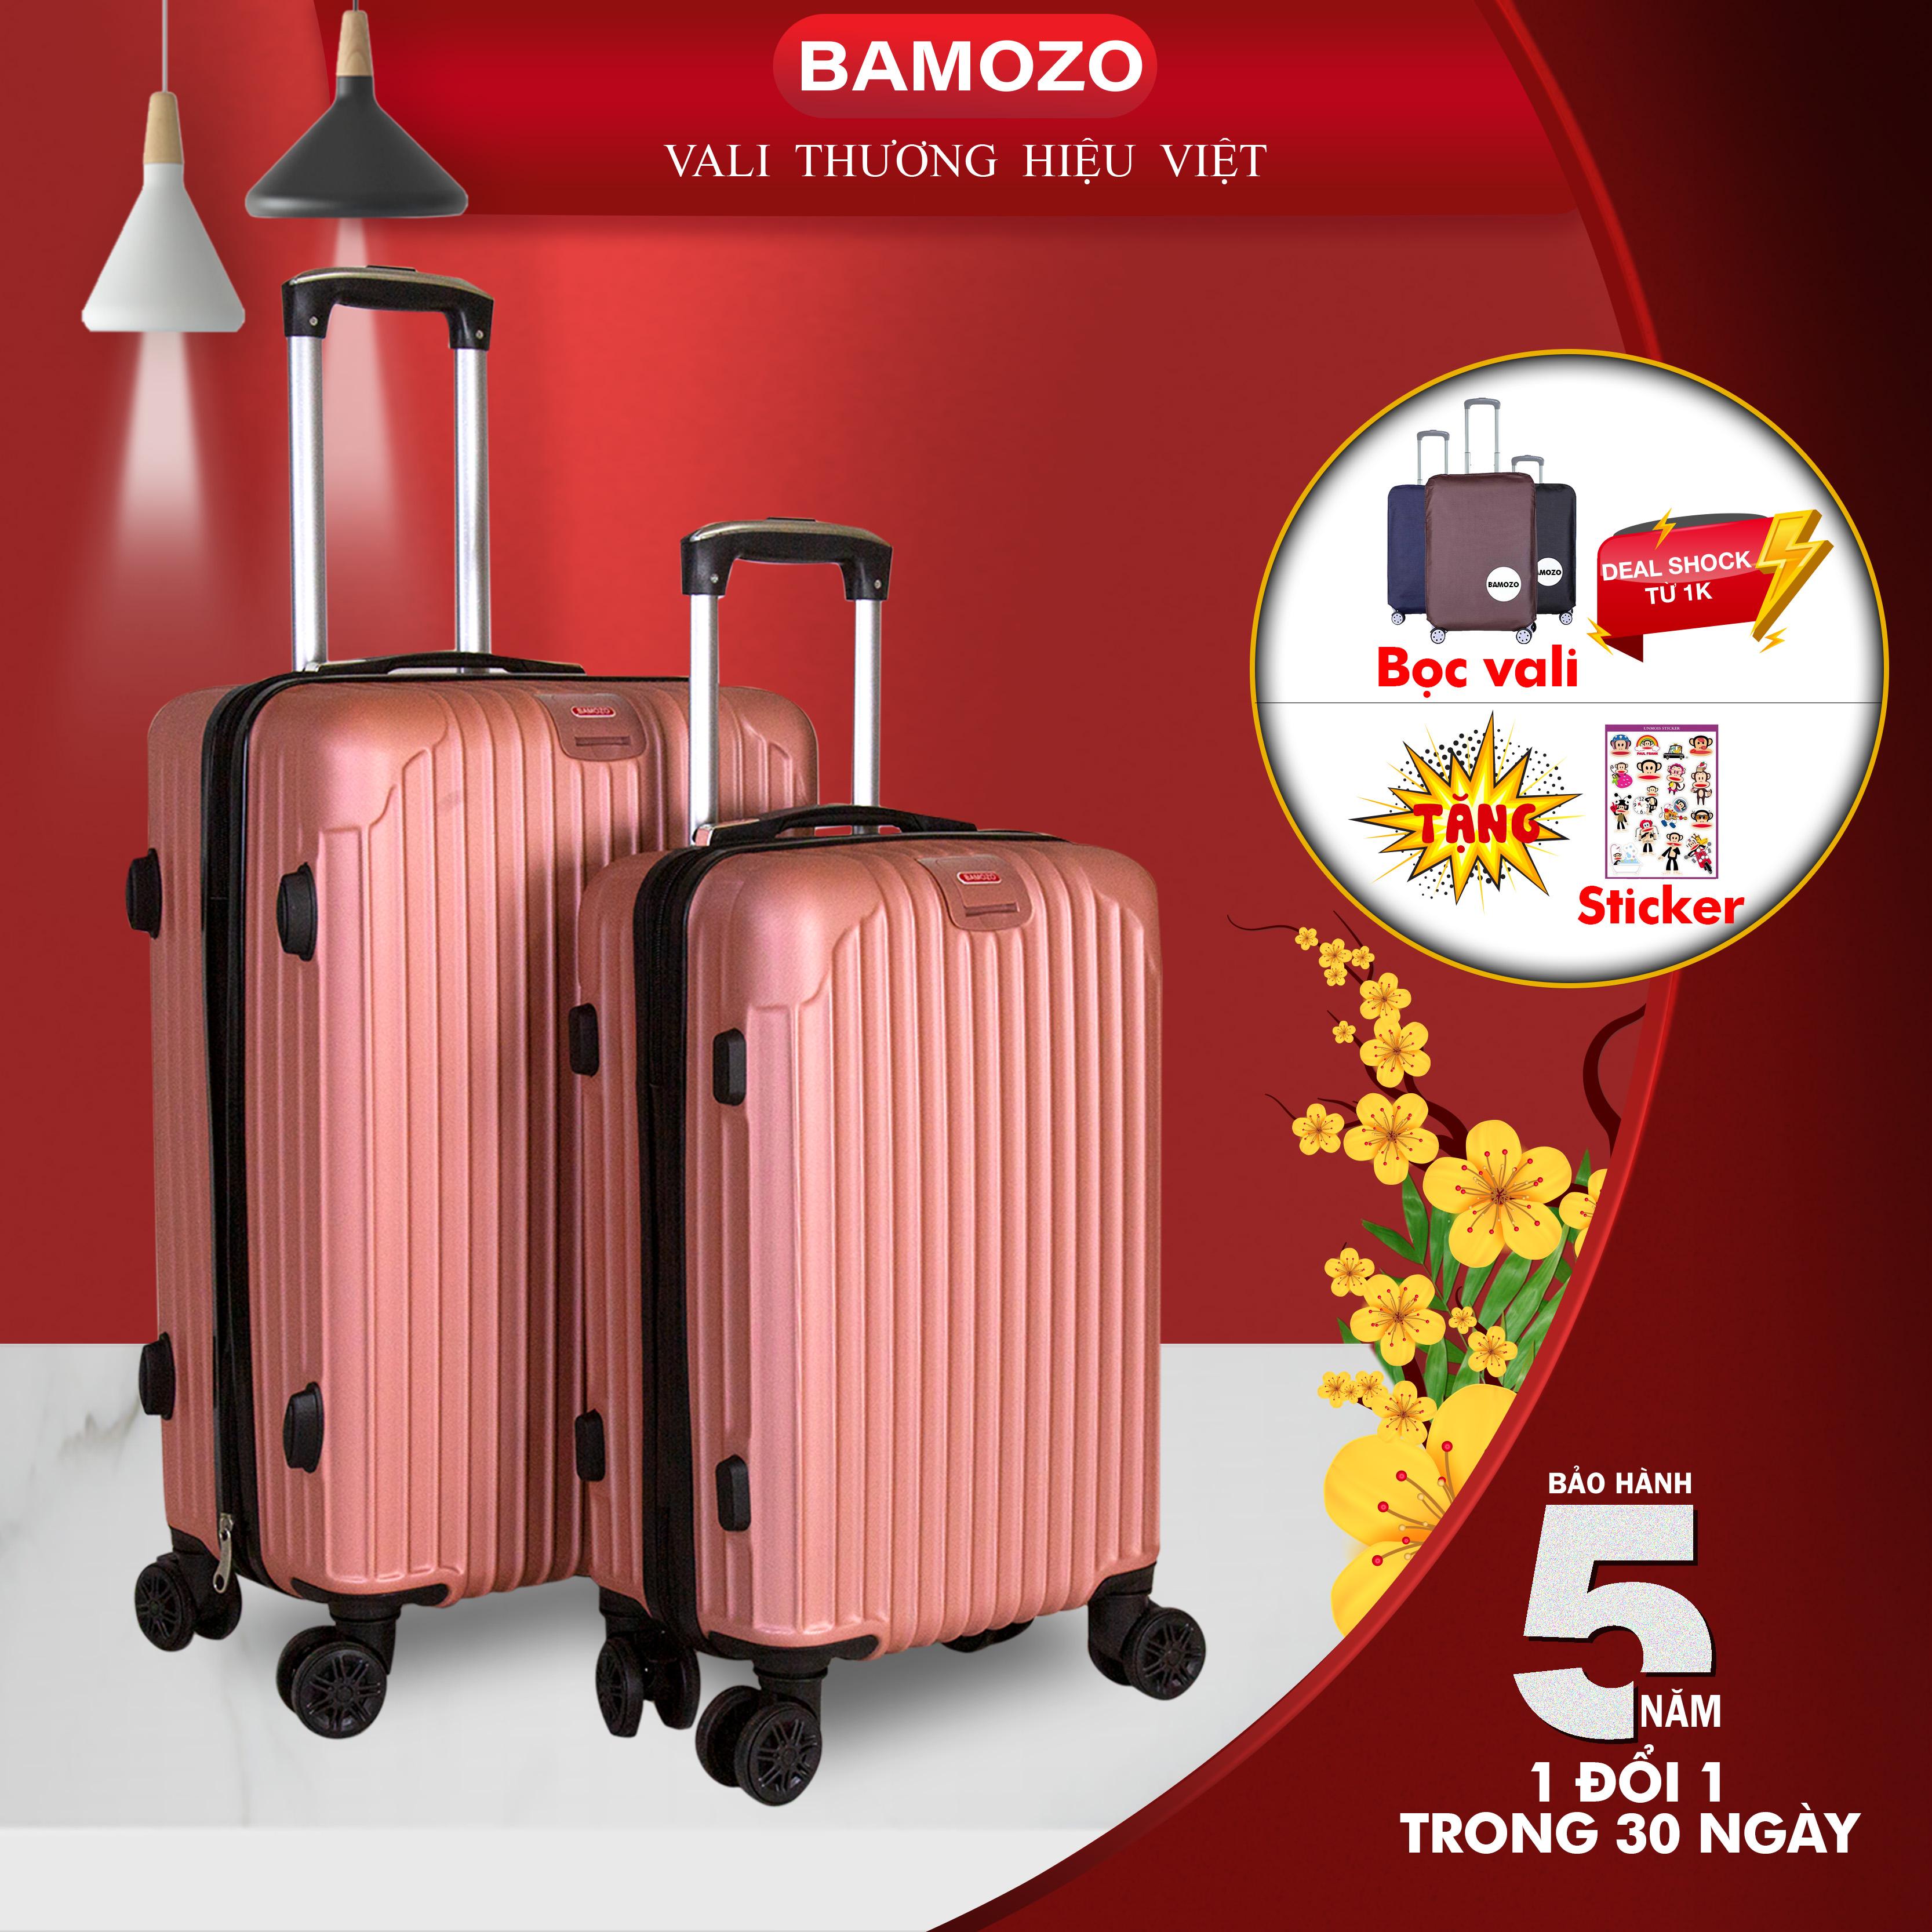 vali kéo du lịch Vali Bamozo BMZ-8801 20inch/24inch nhựa cao cấp - Bảo hành 5 năm